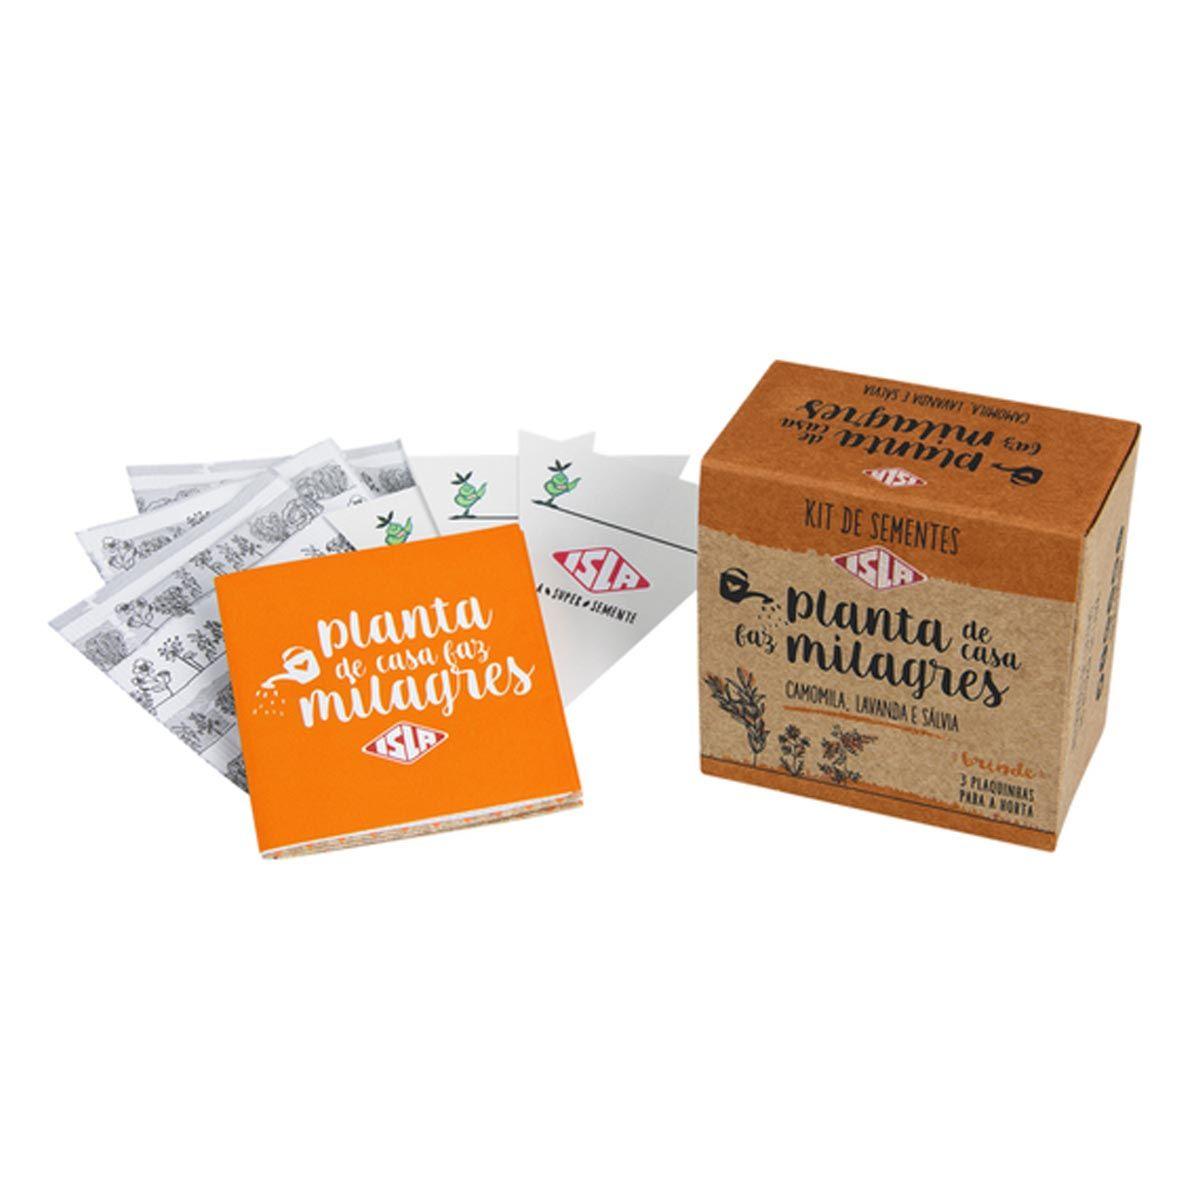 Kit de Sementes - Planta de casa Faz Milagre (Camomila, Lavanda e Sálvia) ISLA